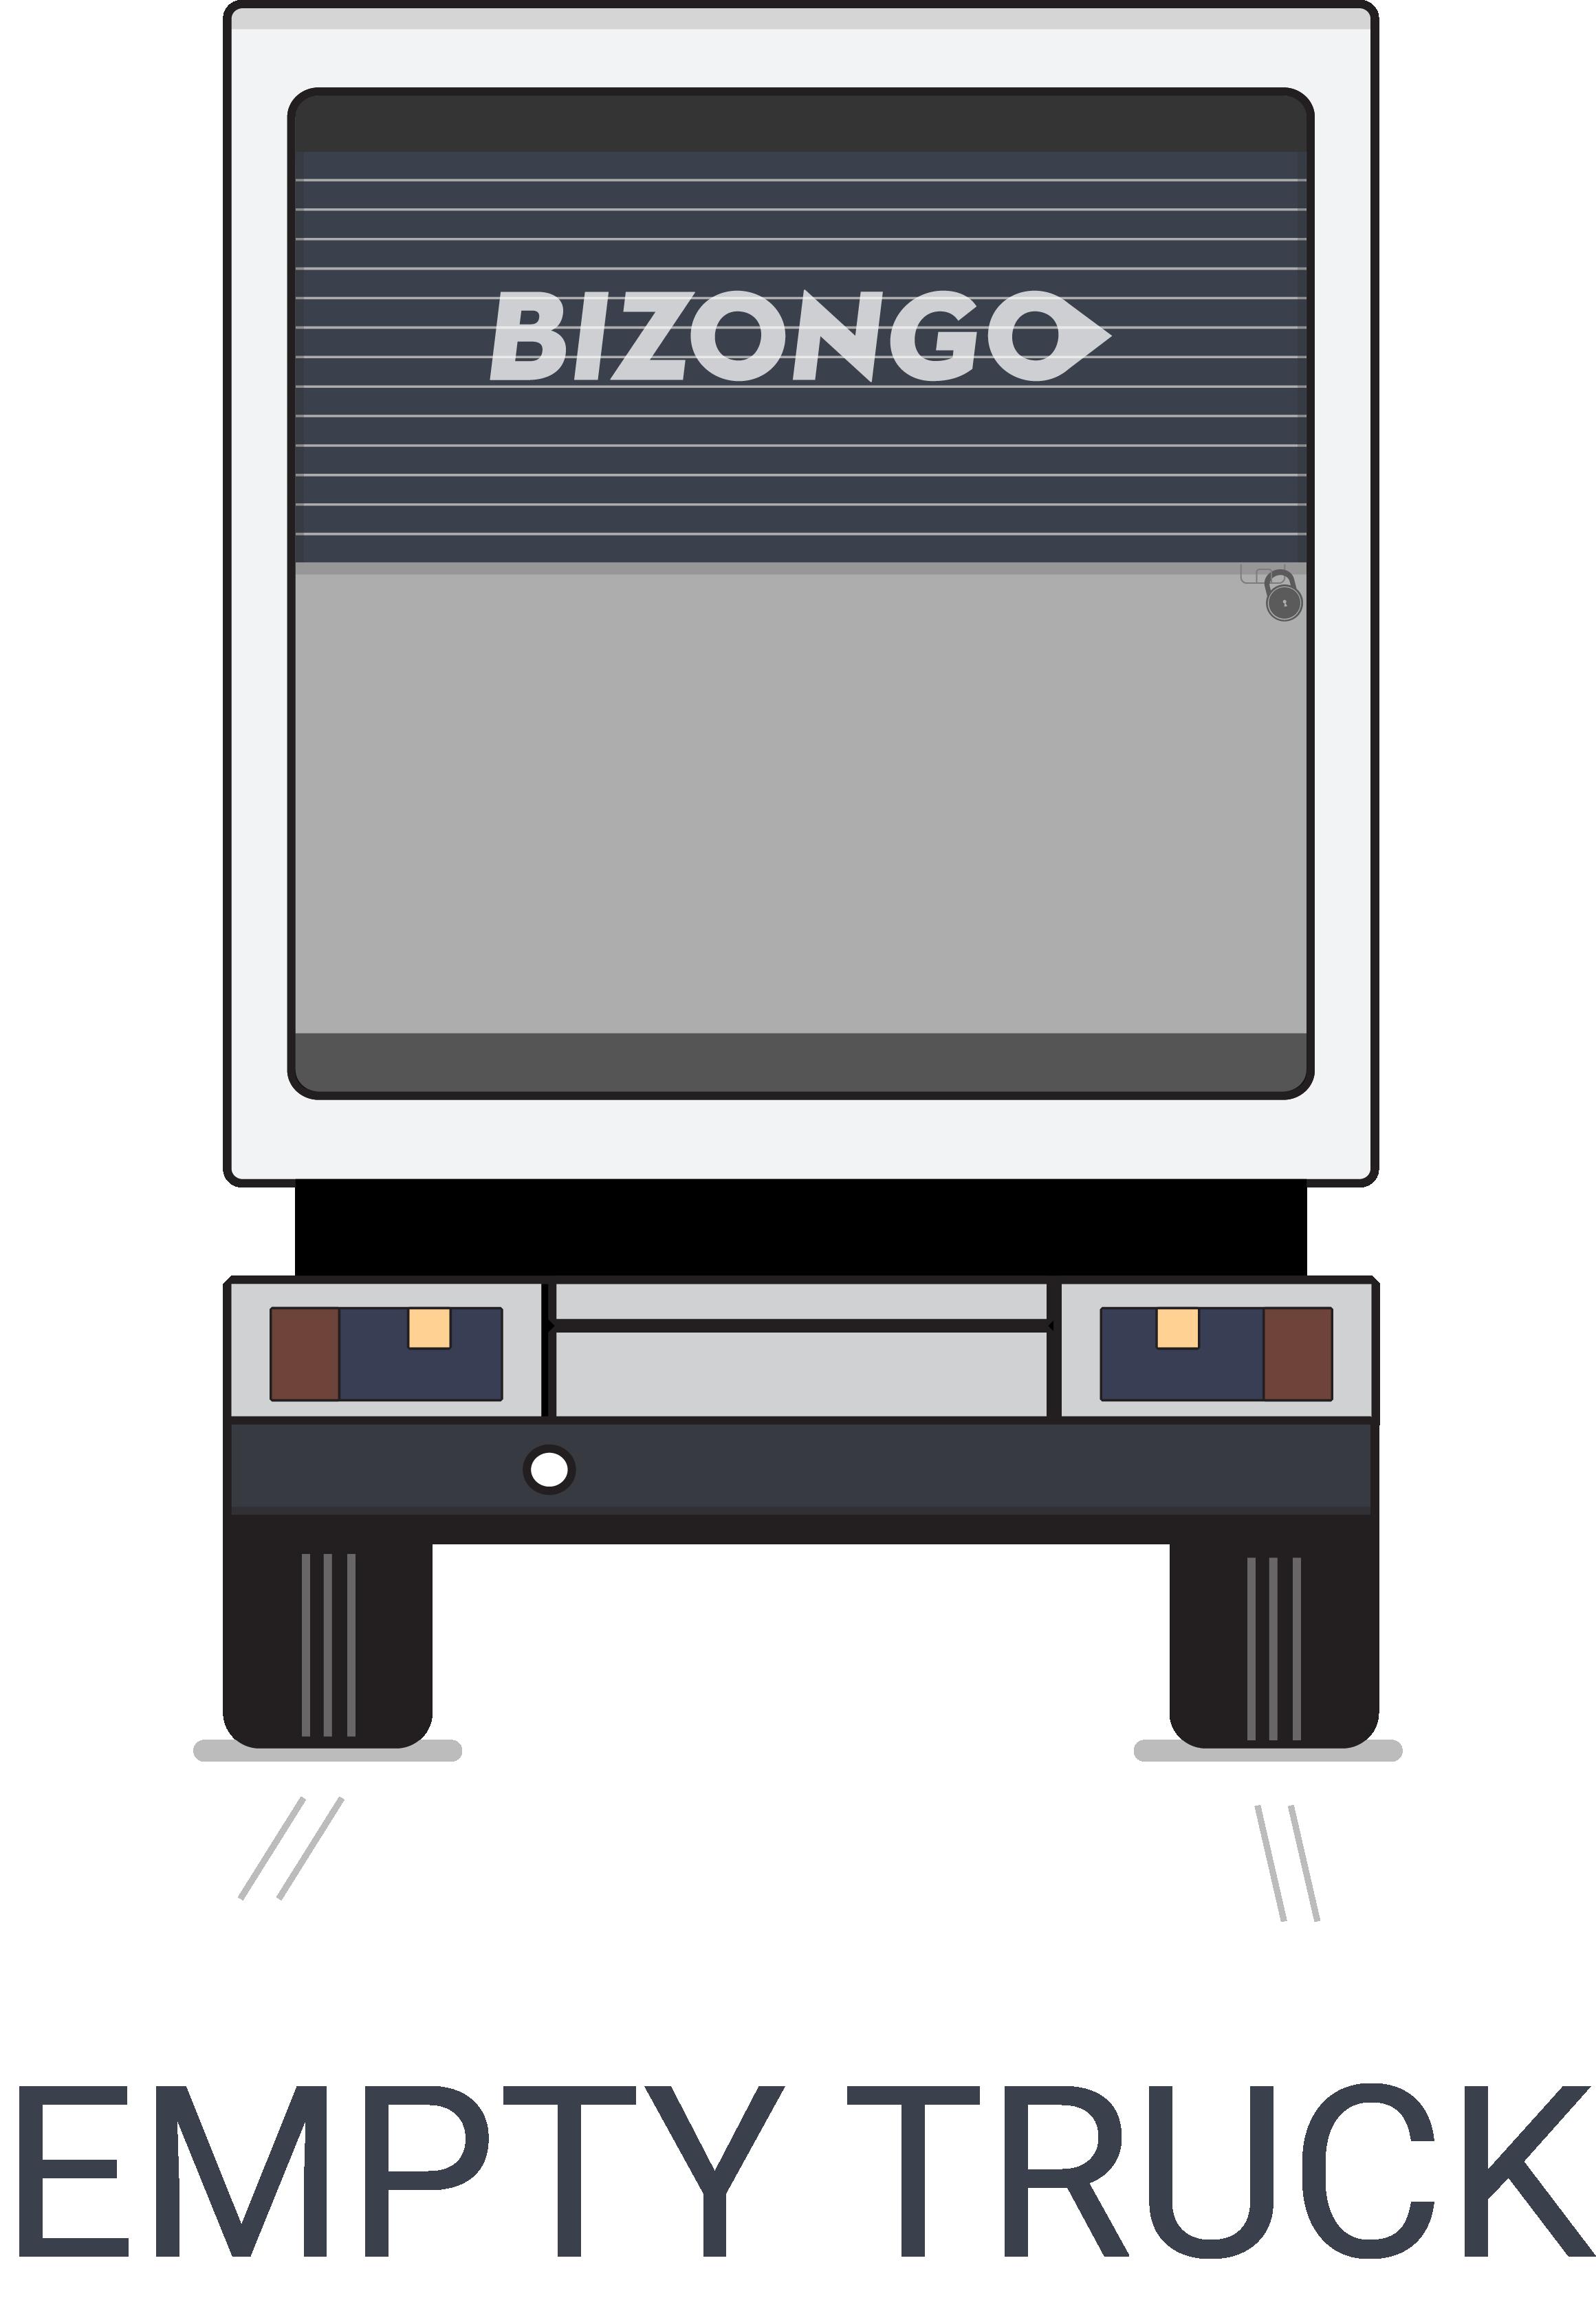 Empty truck icon